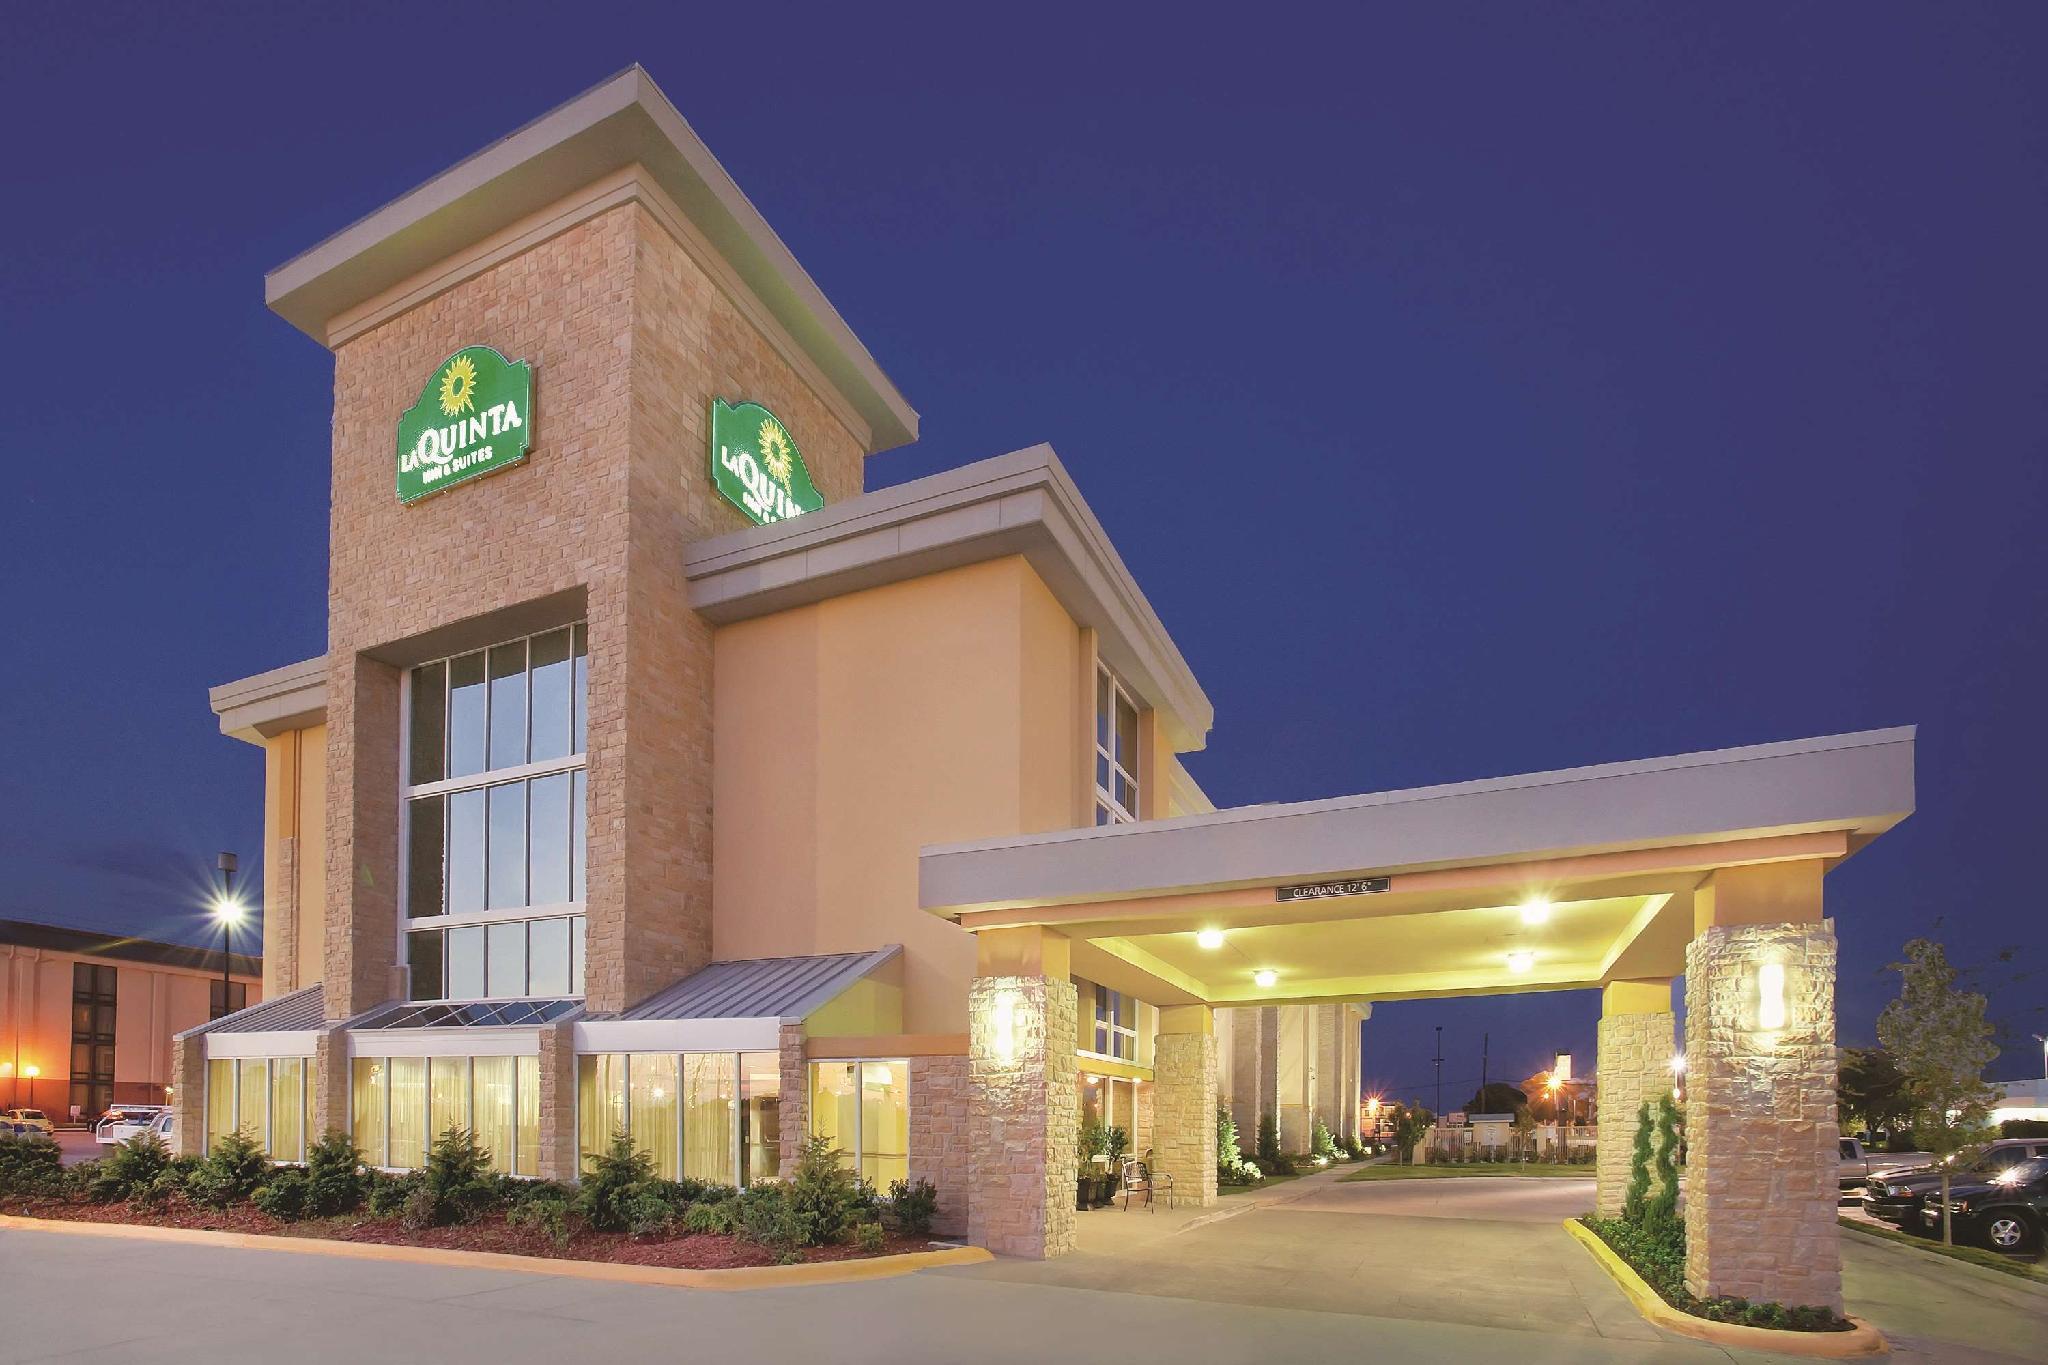 La Quinta Inn And Suites By Wyndham Dallas I 35 Walnut Hill Ln